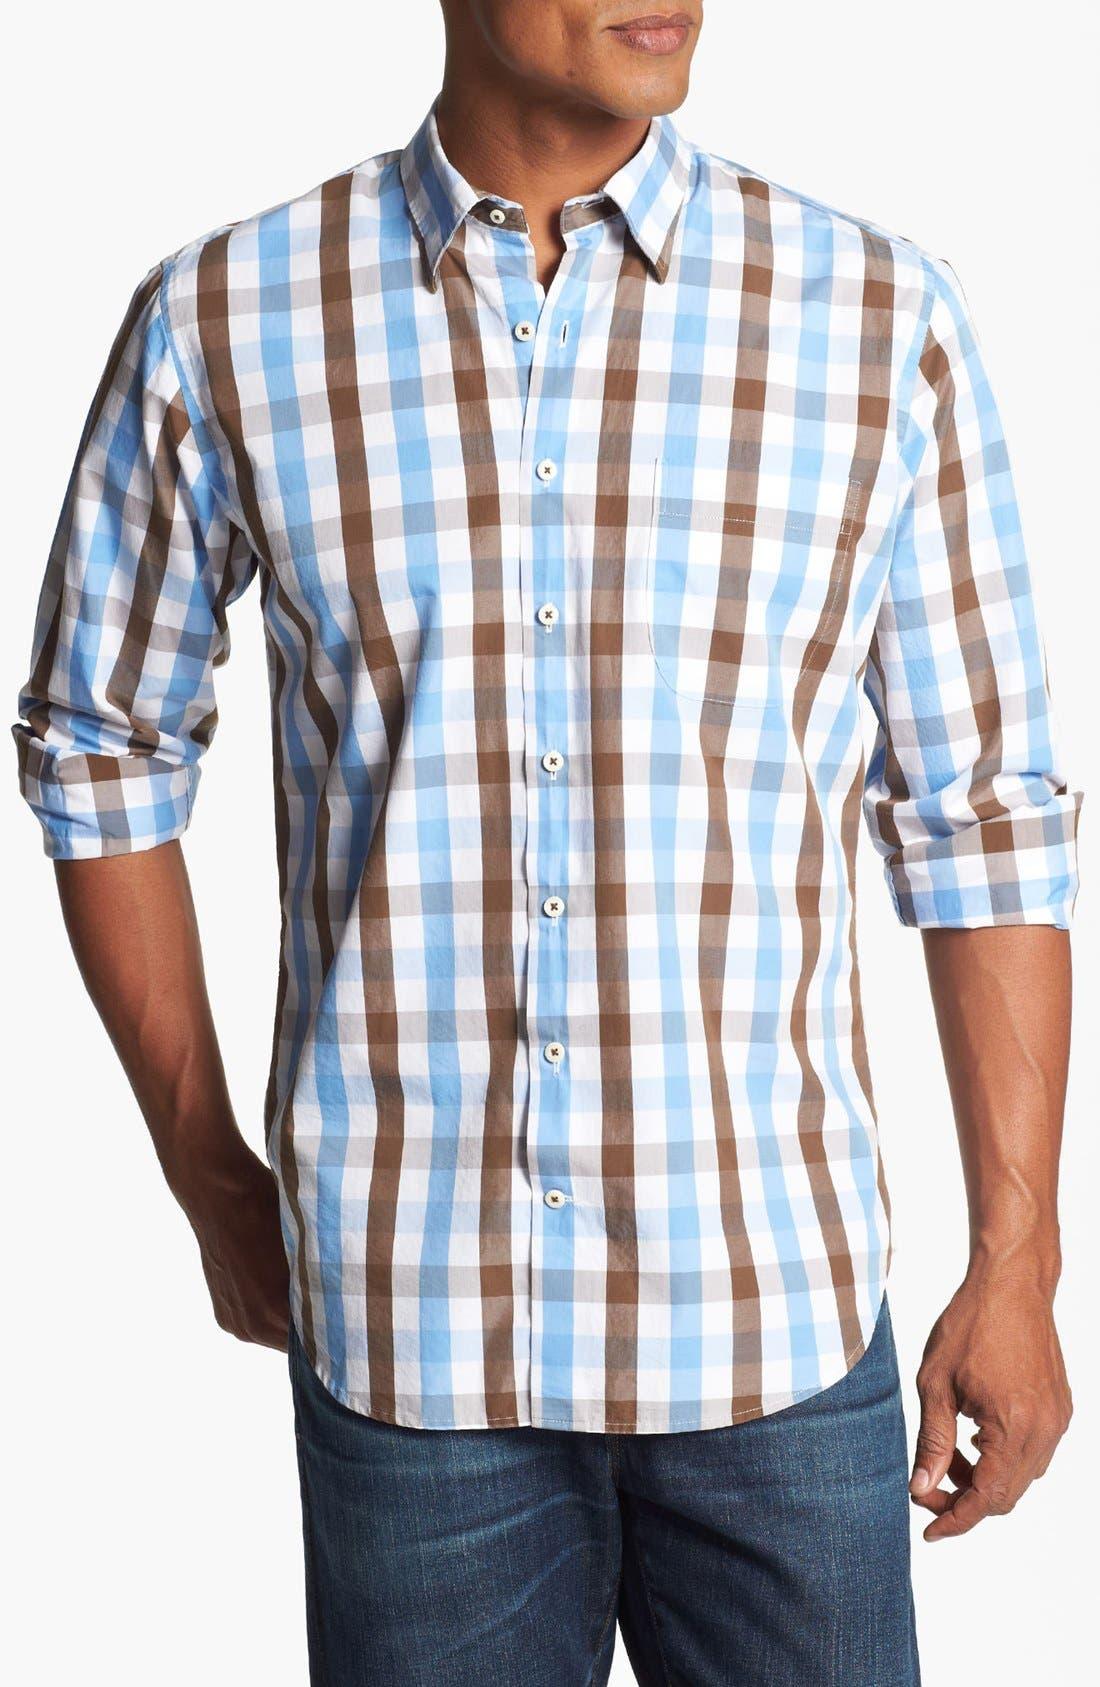 Main Image - Peter Millar Sport Shirt